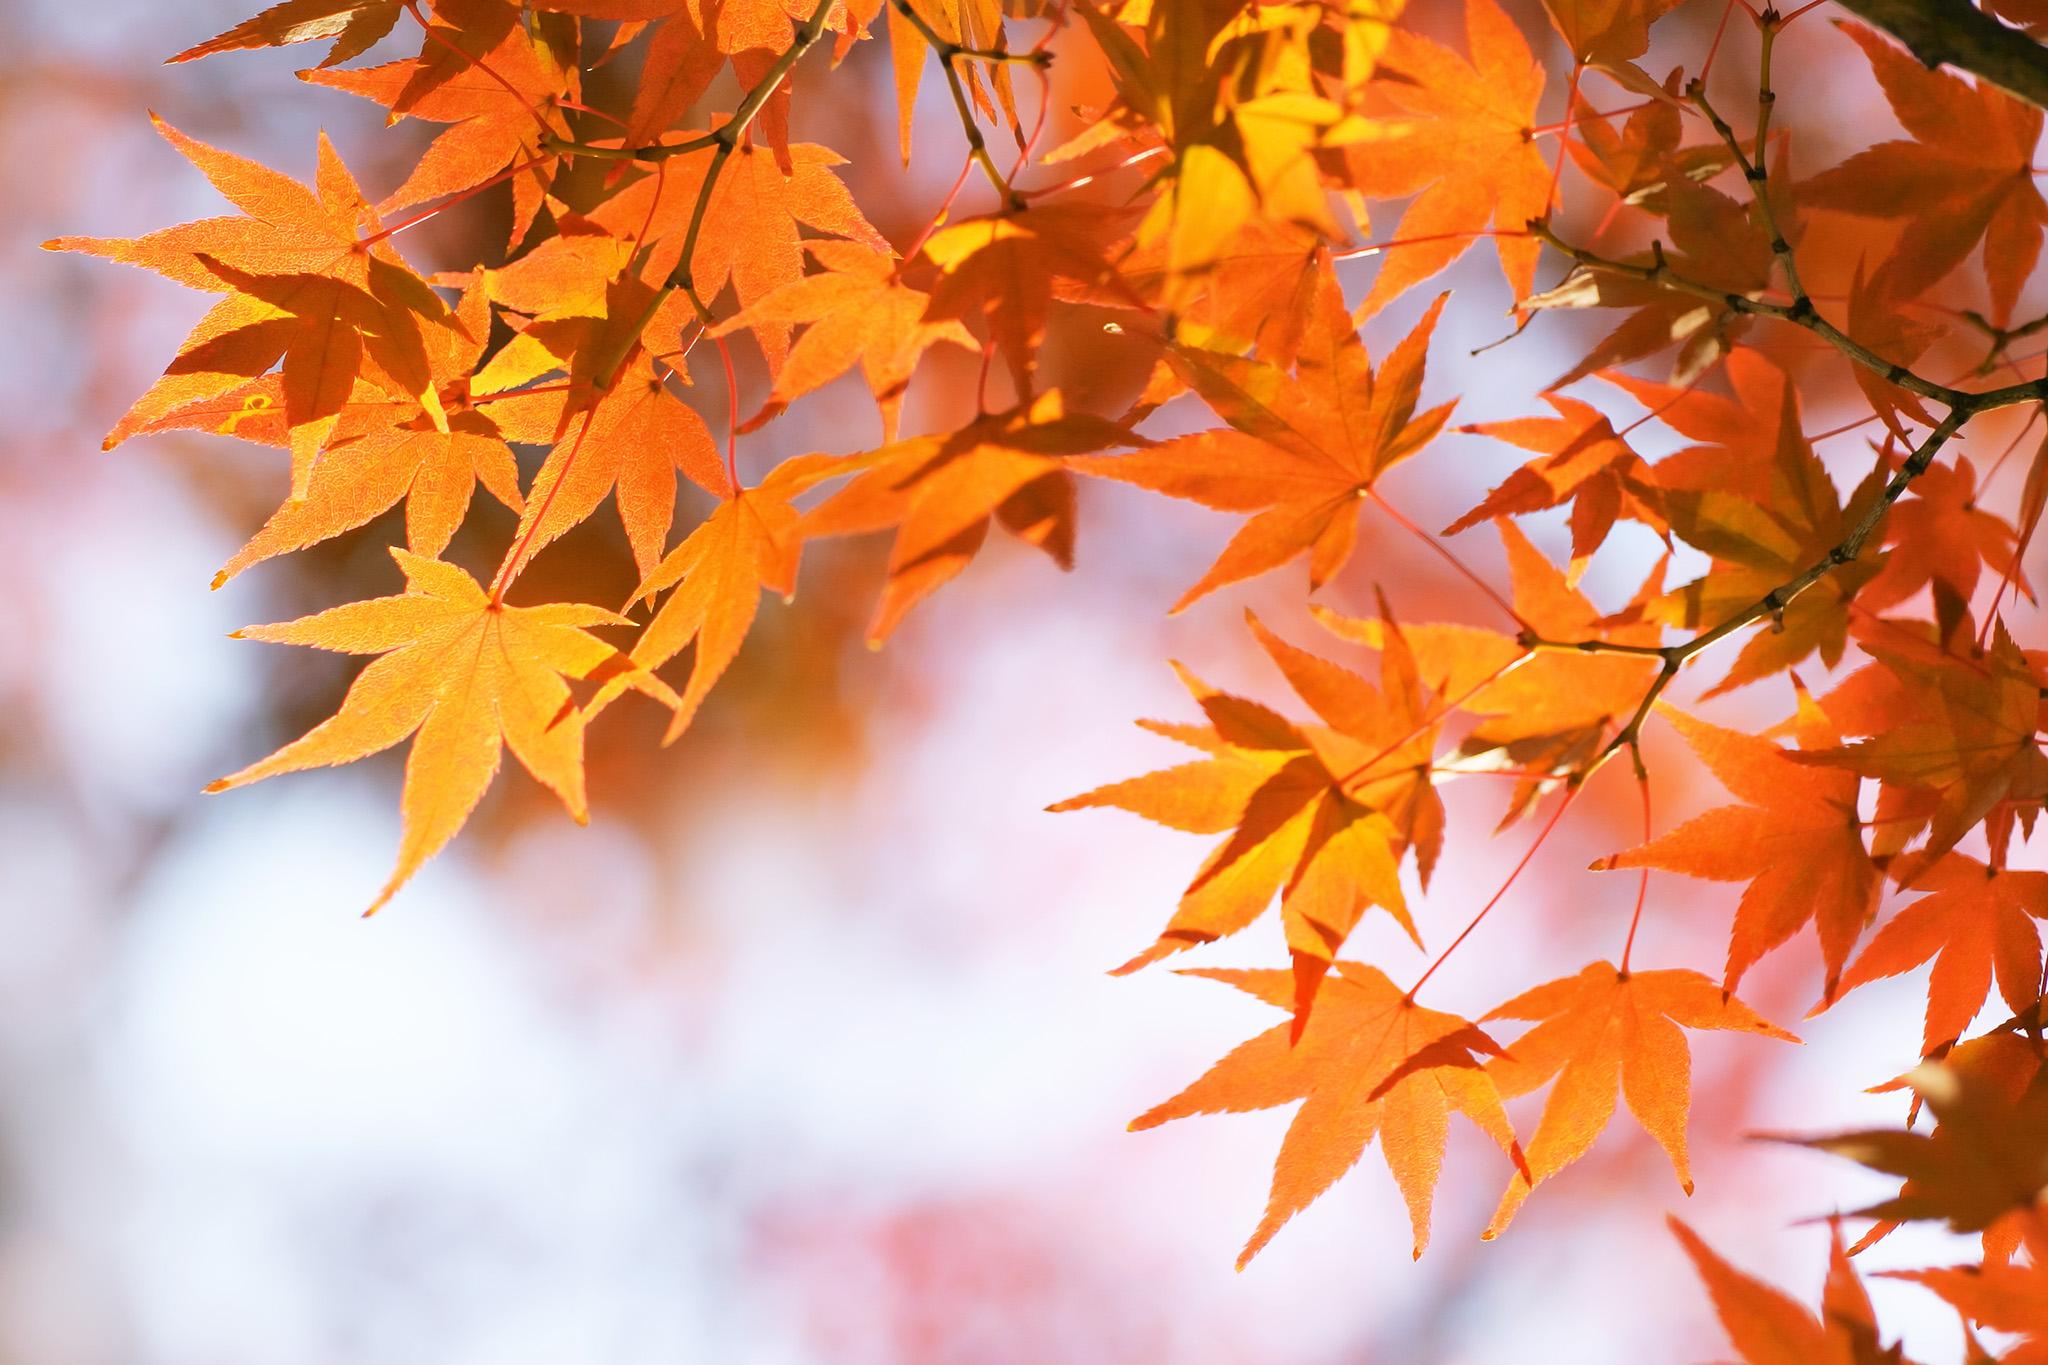 「段々と秋色に染まるモミジの葉」